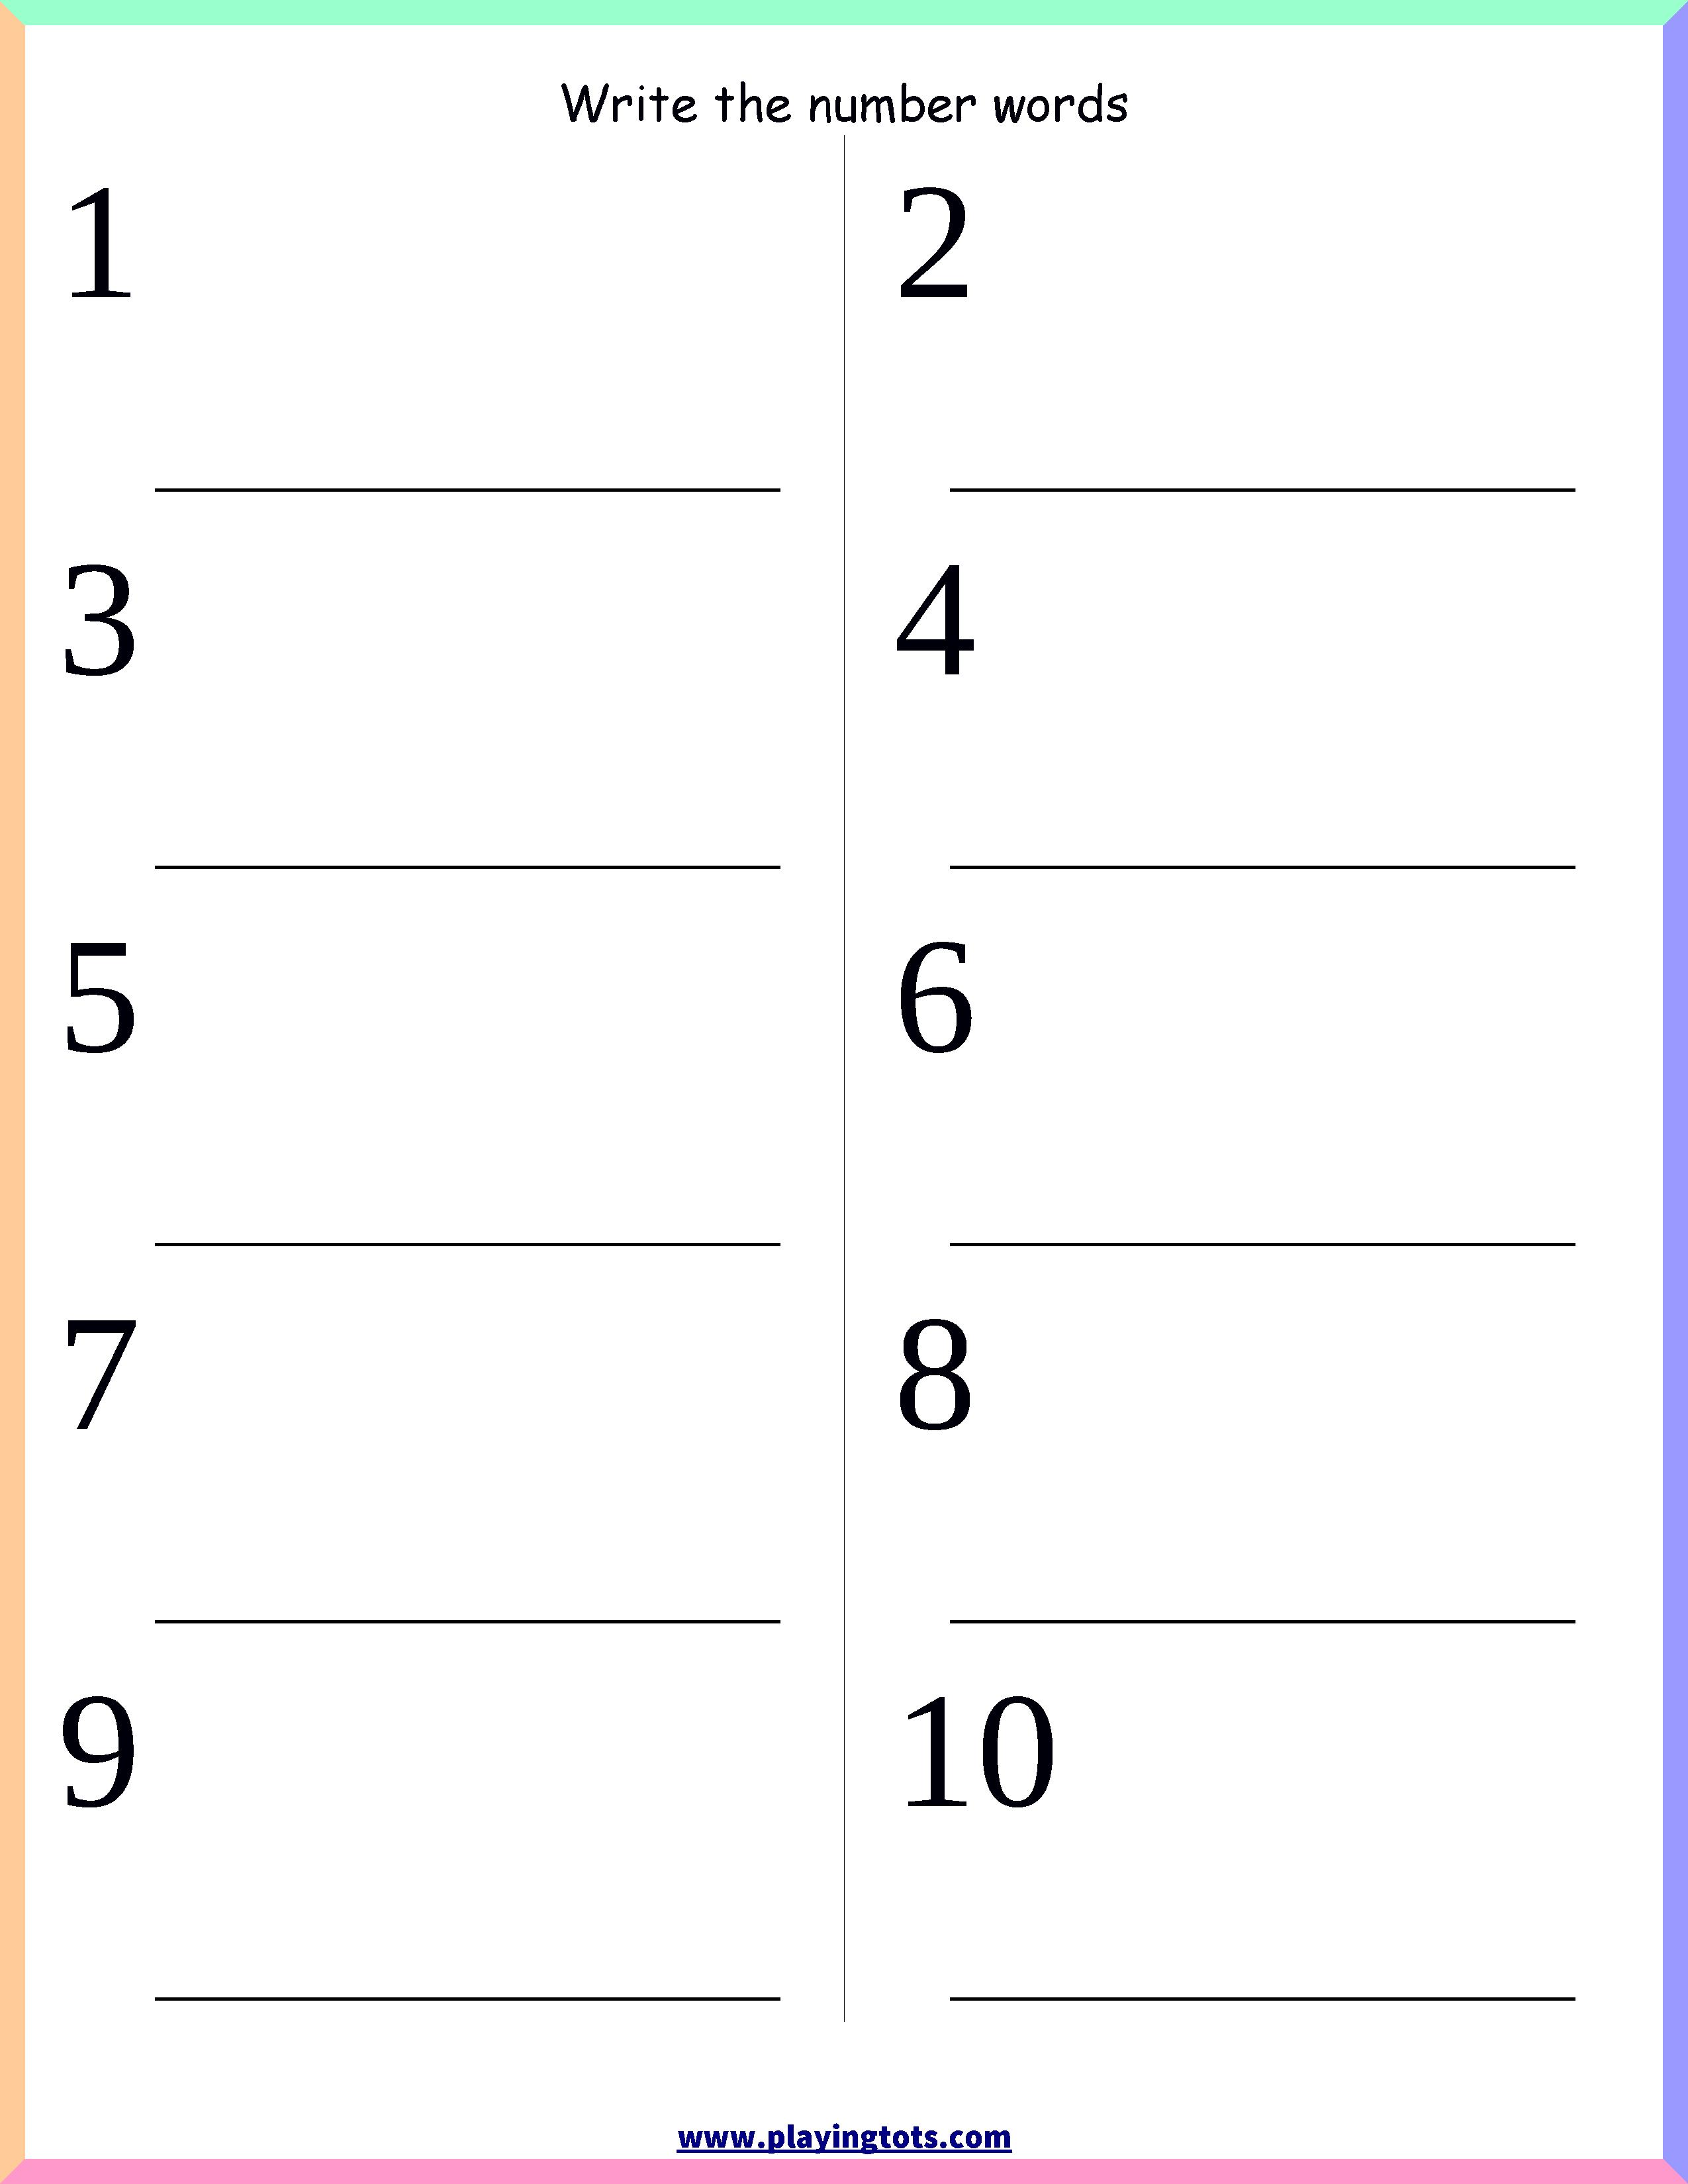 Worksheet - Number Words Keywords:free, Printable,pdf | Jan 2017 - Free Printable Homework Worksheets